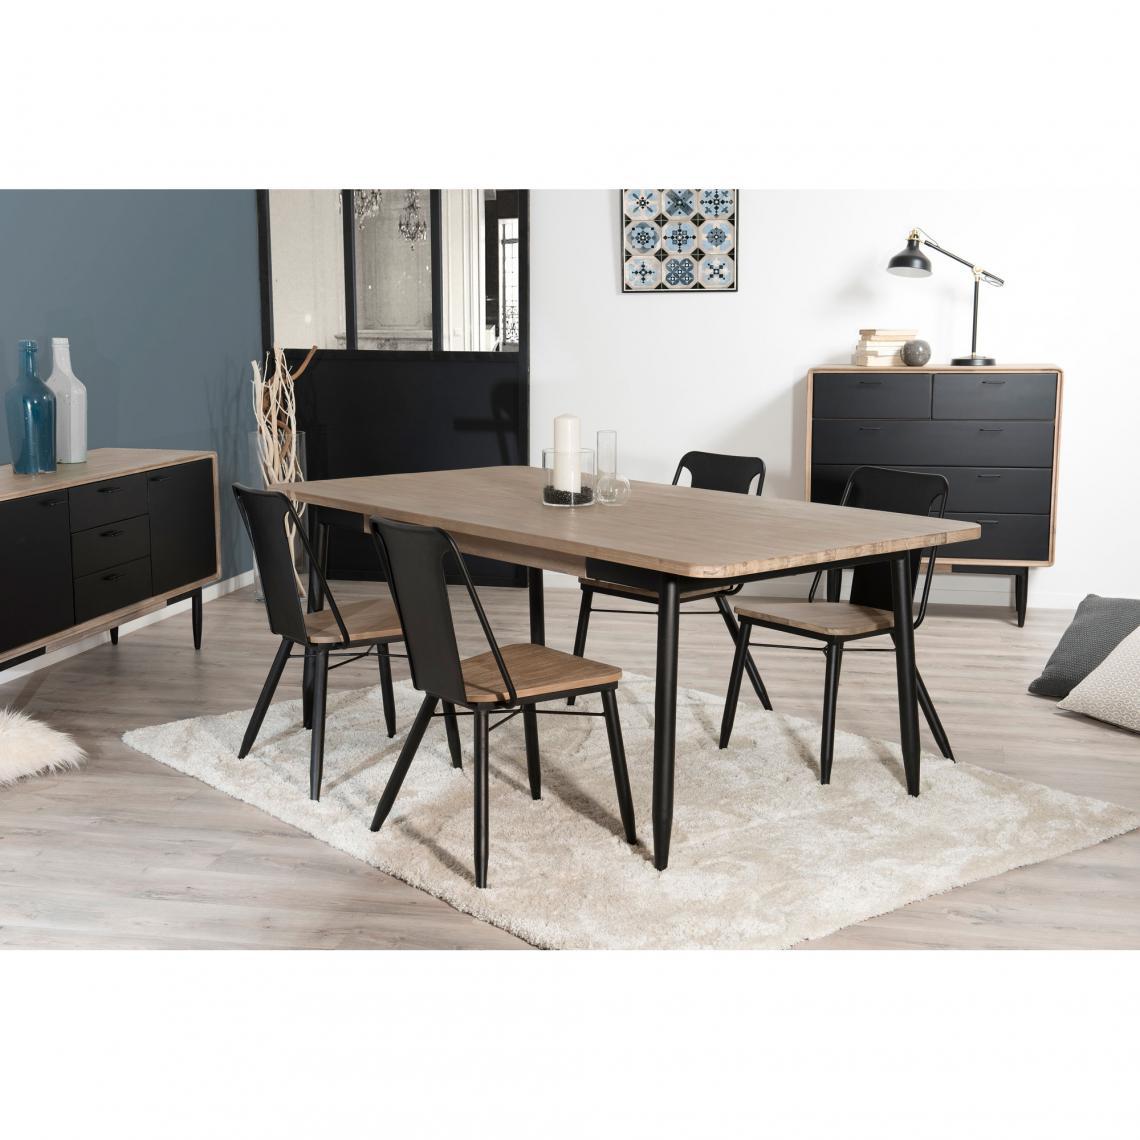 Table à manger rectangulaire 200 x 100 cm esprit atelier - Chêne ...